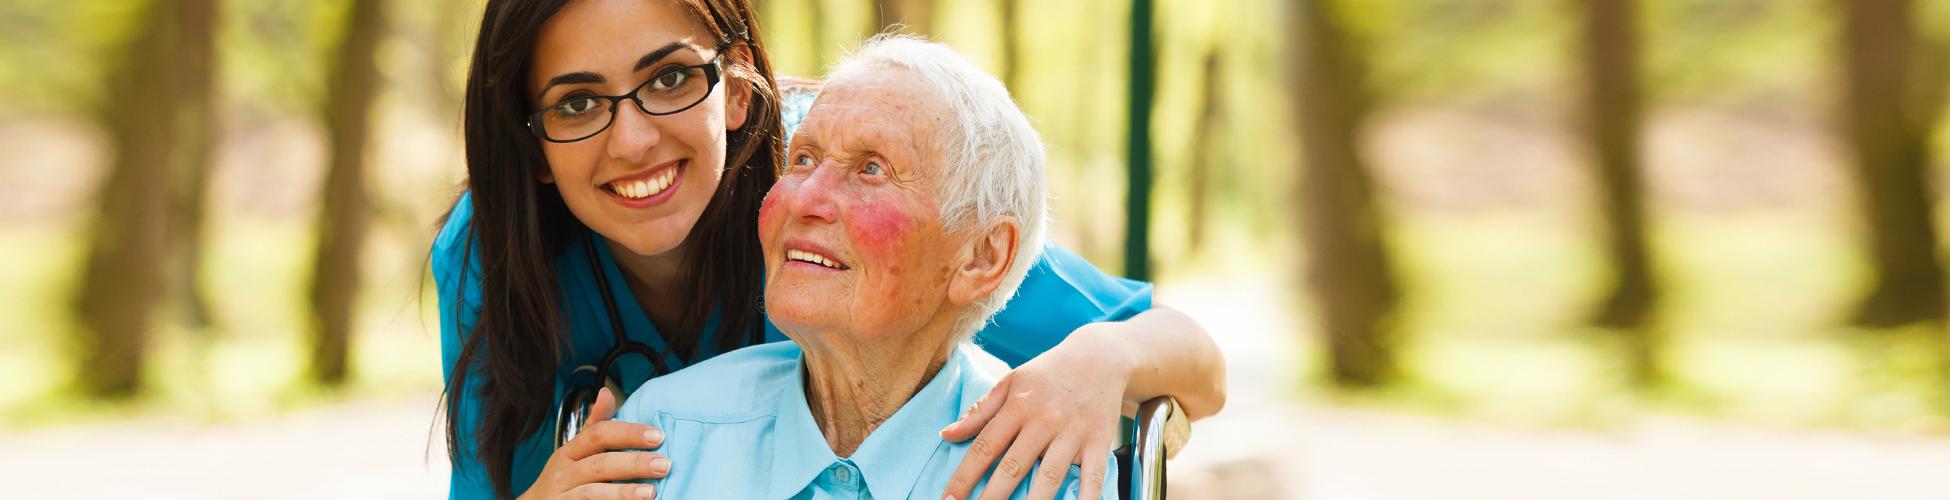 Where To Meet British Seniors In Jacksonville Free